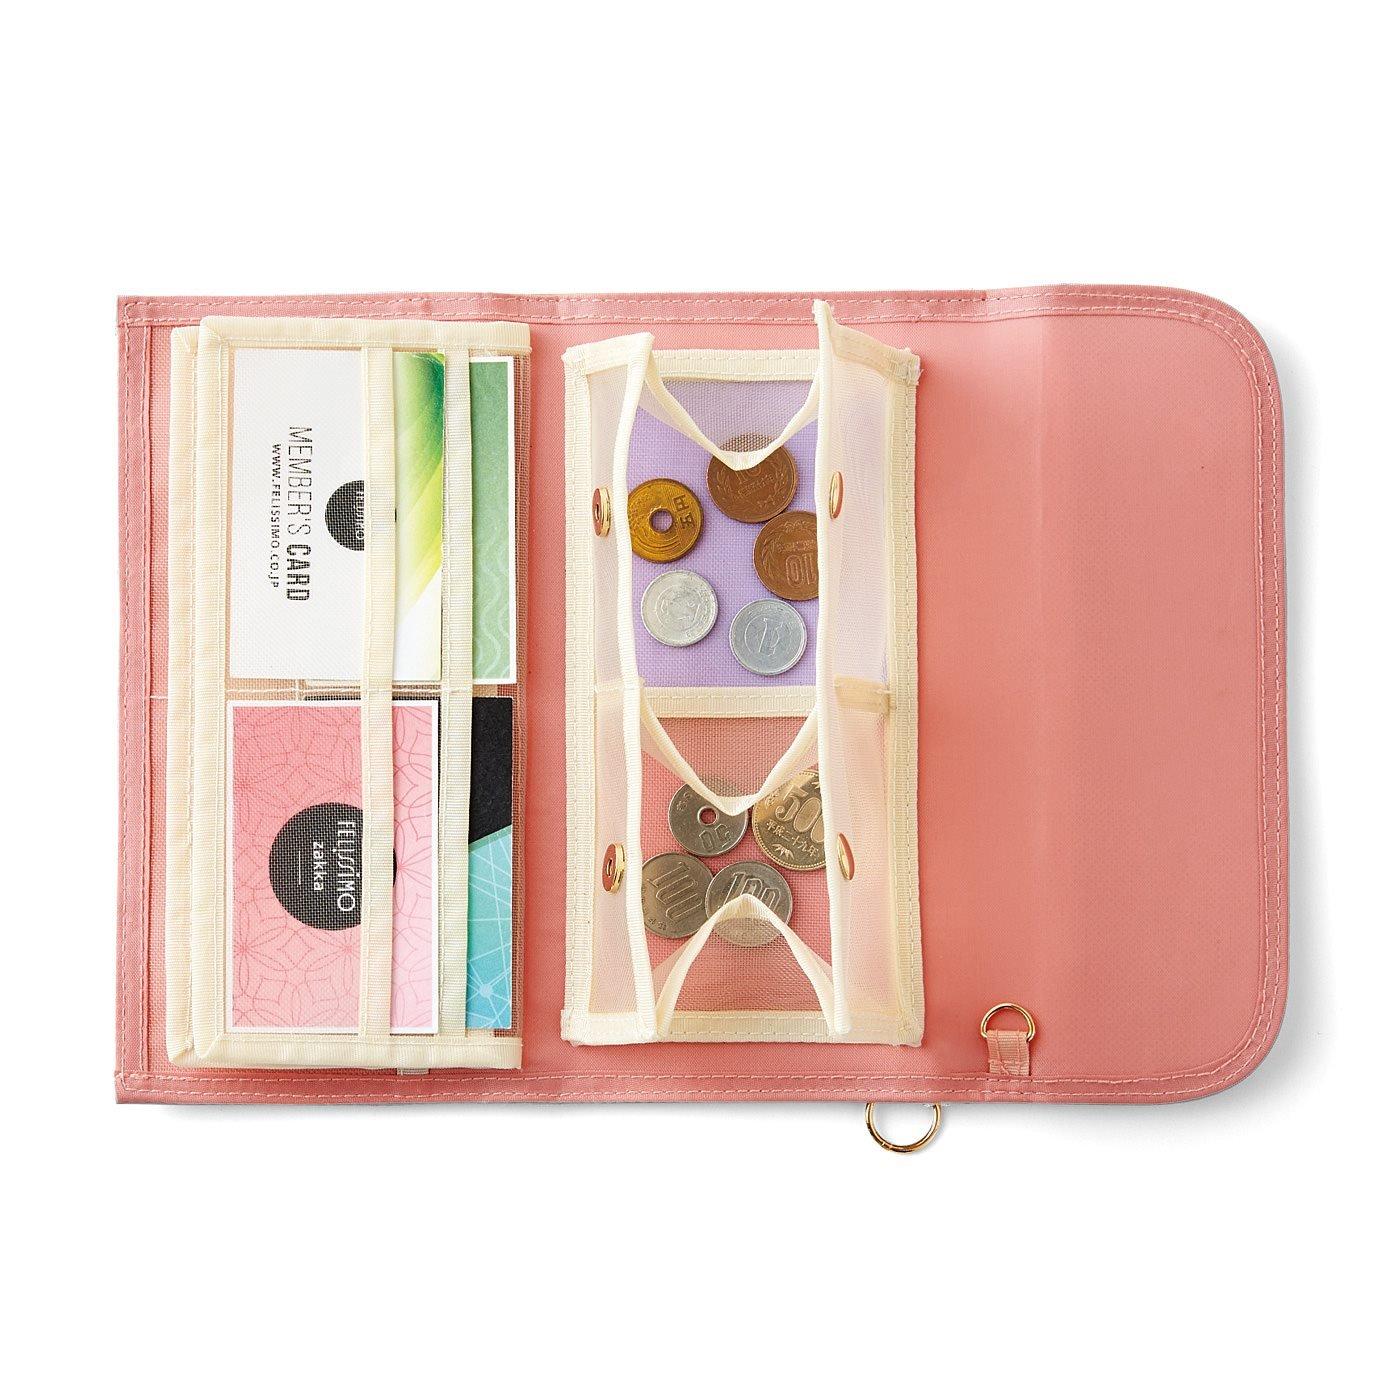 LITALICO×CCP 見渡しやすさ&つかみ取りやすさ抜群 スマホも入る透けるメッシュ財布〈ピンク〉